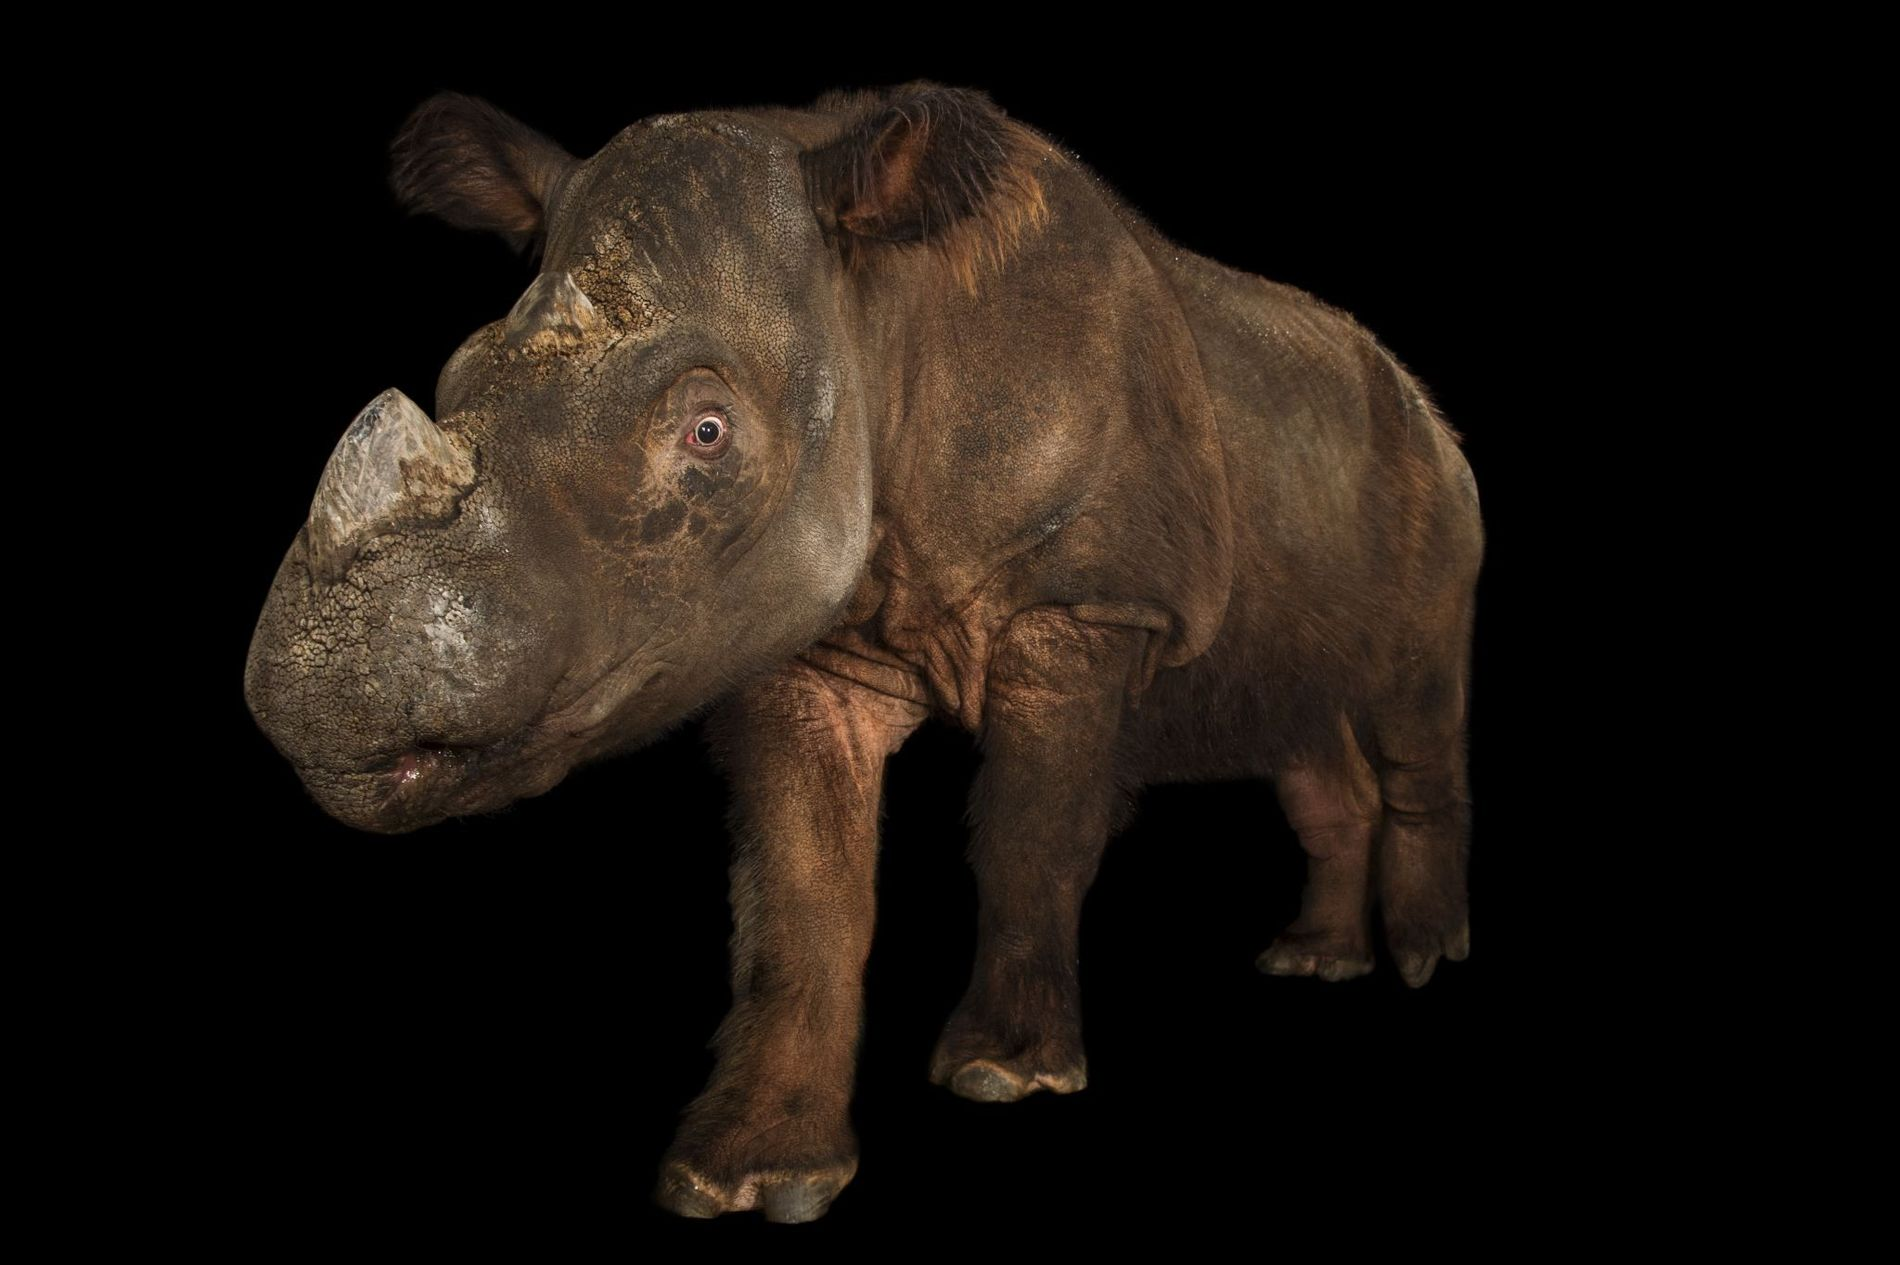 Ce rhinocéros de Sumatra, dont l'espèce est menacée d'extinction, a été photographié au Zoo de Cincinnati, ...